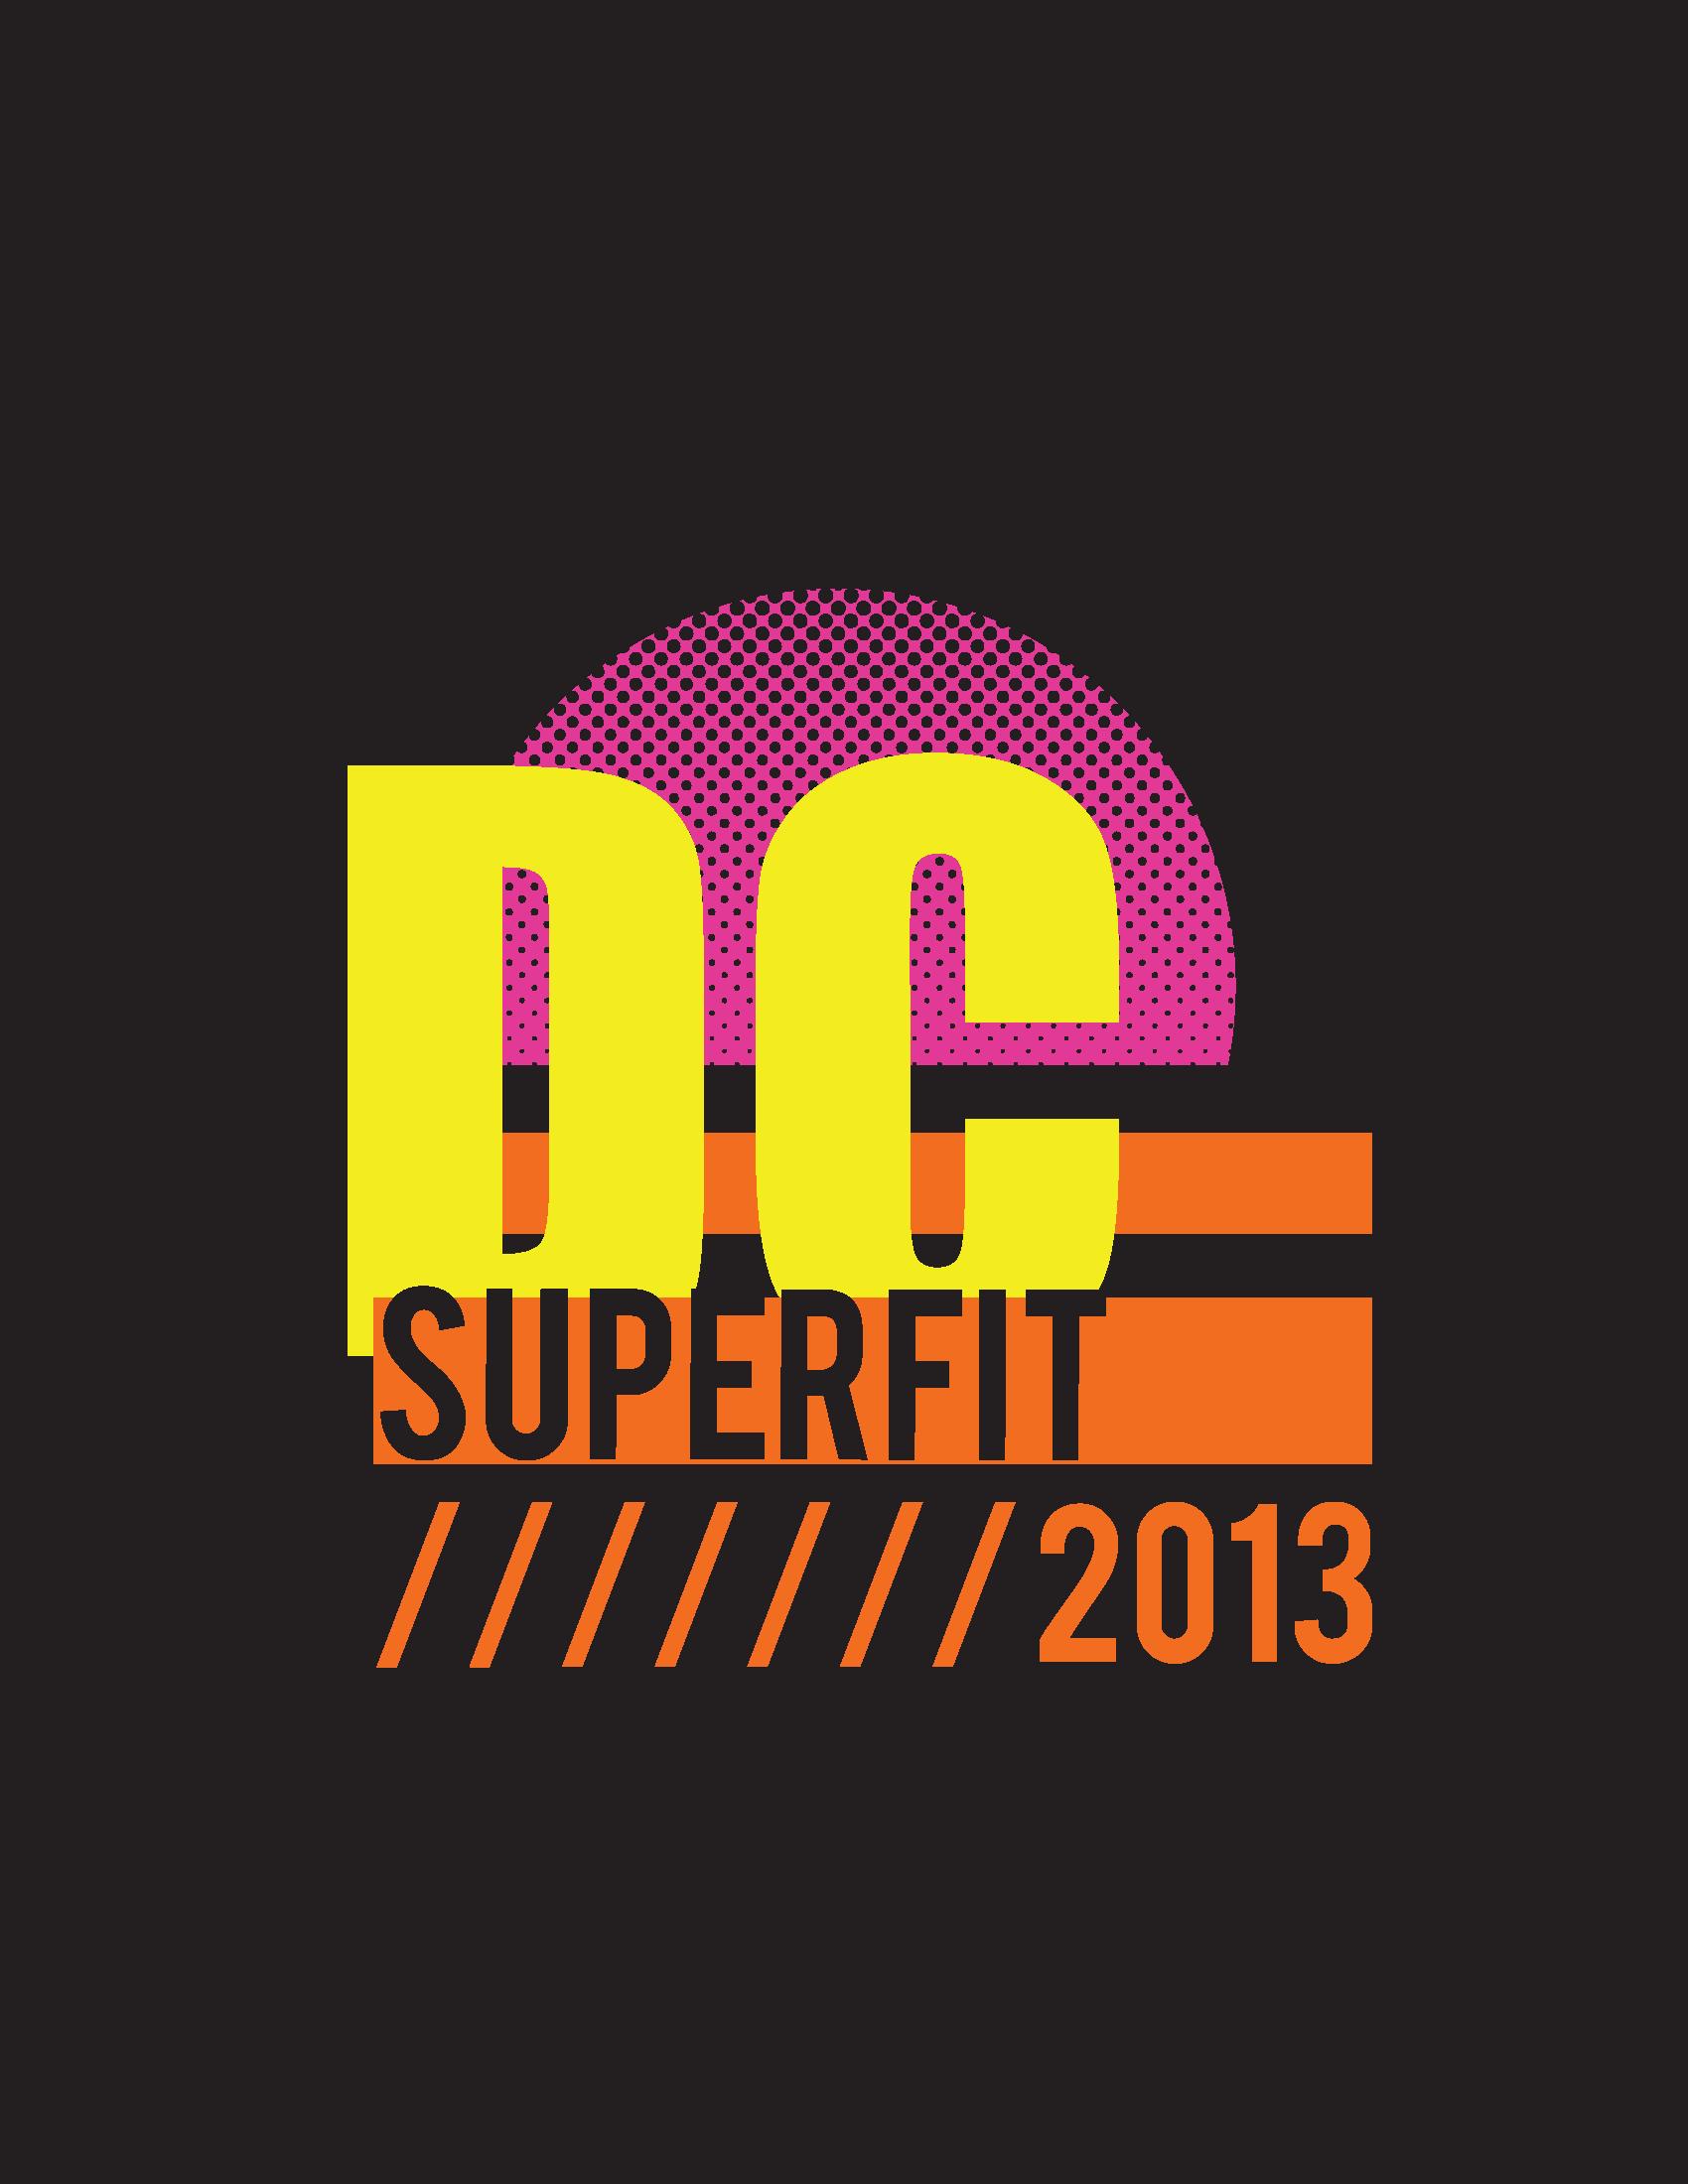 SUPERFIT_DC_FINAL.png